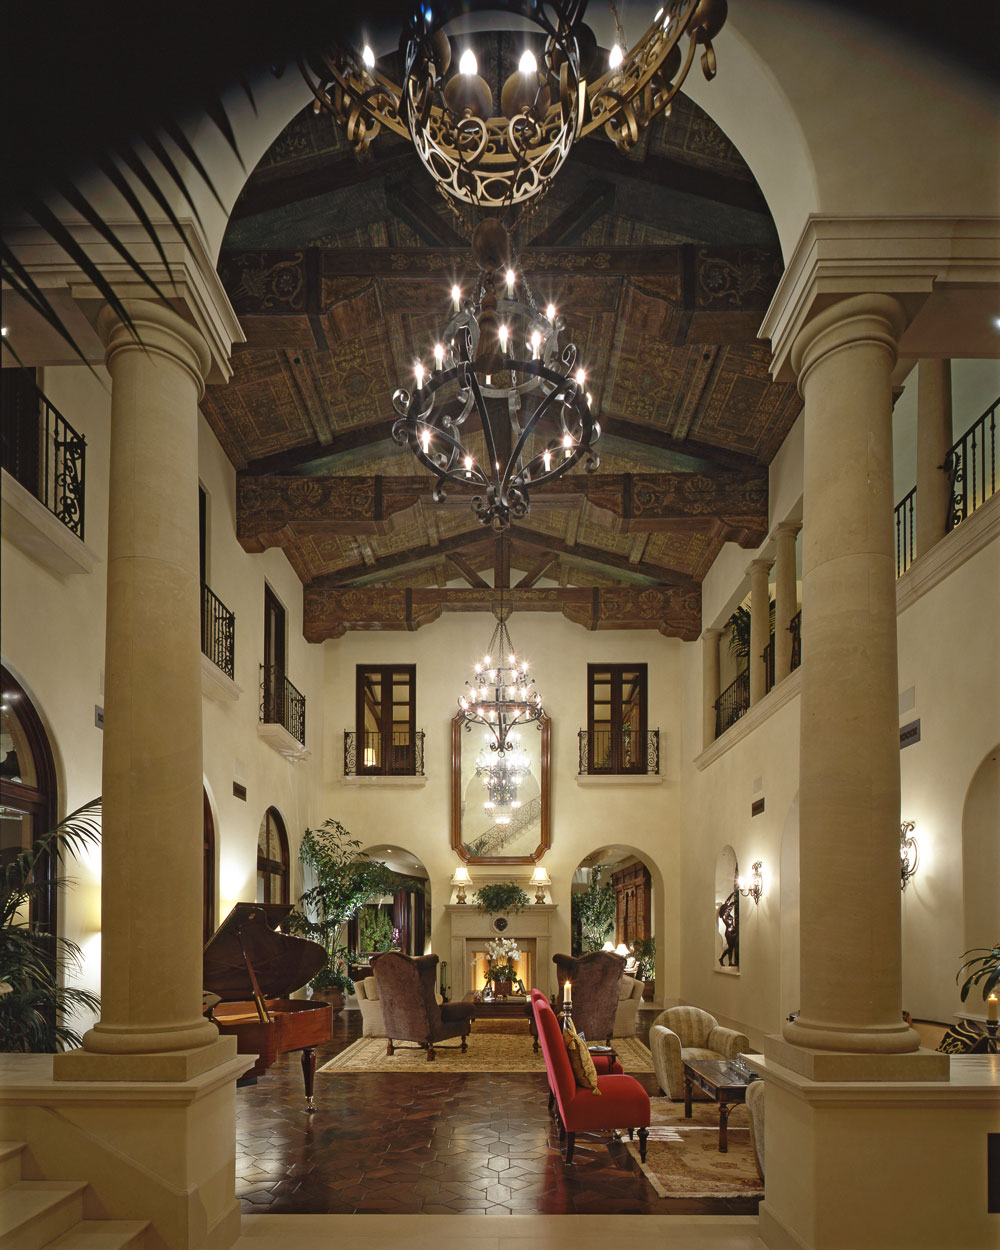 3-Dee-Carawan-luxury-interior-mediterranean.jpg